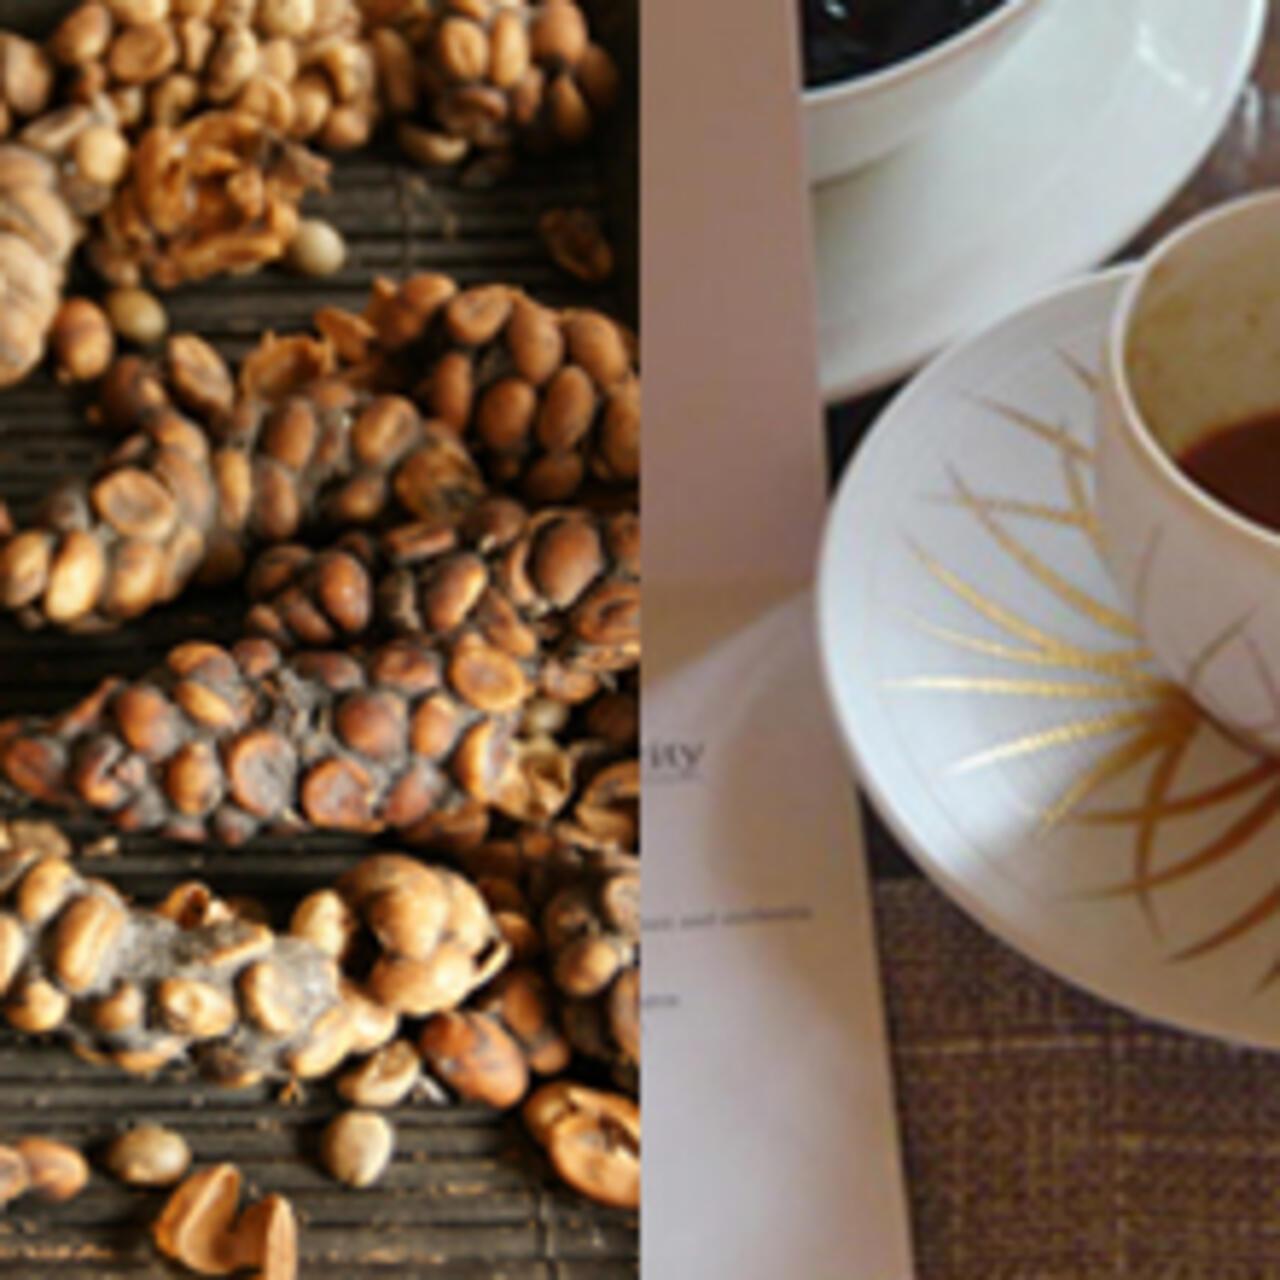 هل تعلمون أن أغلى قهوة في العالم تحض ر من البراز